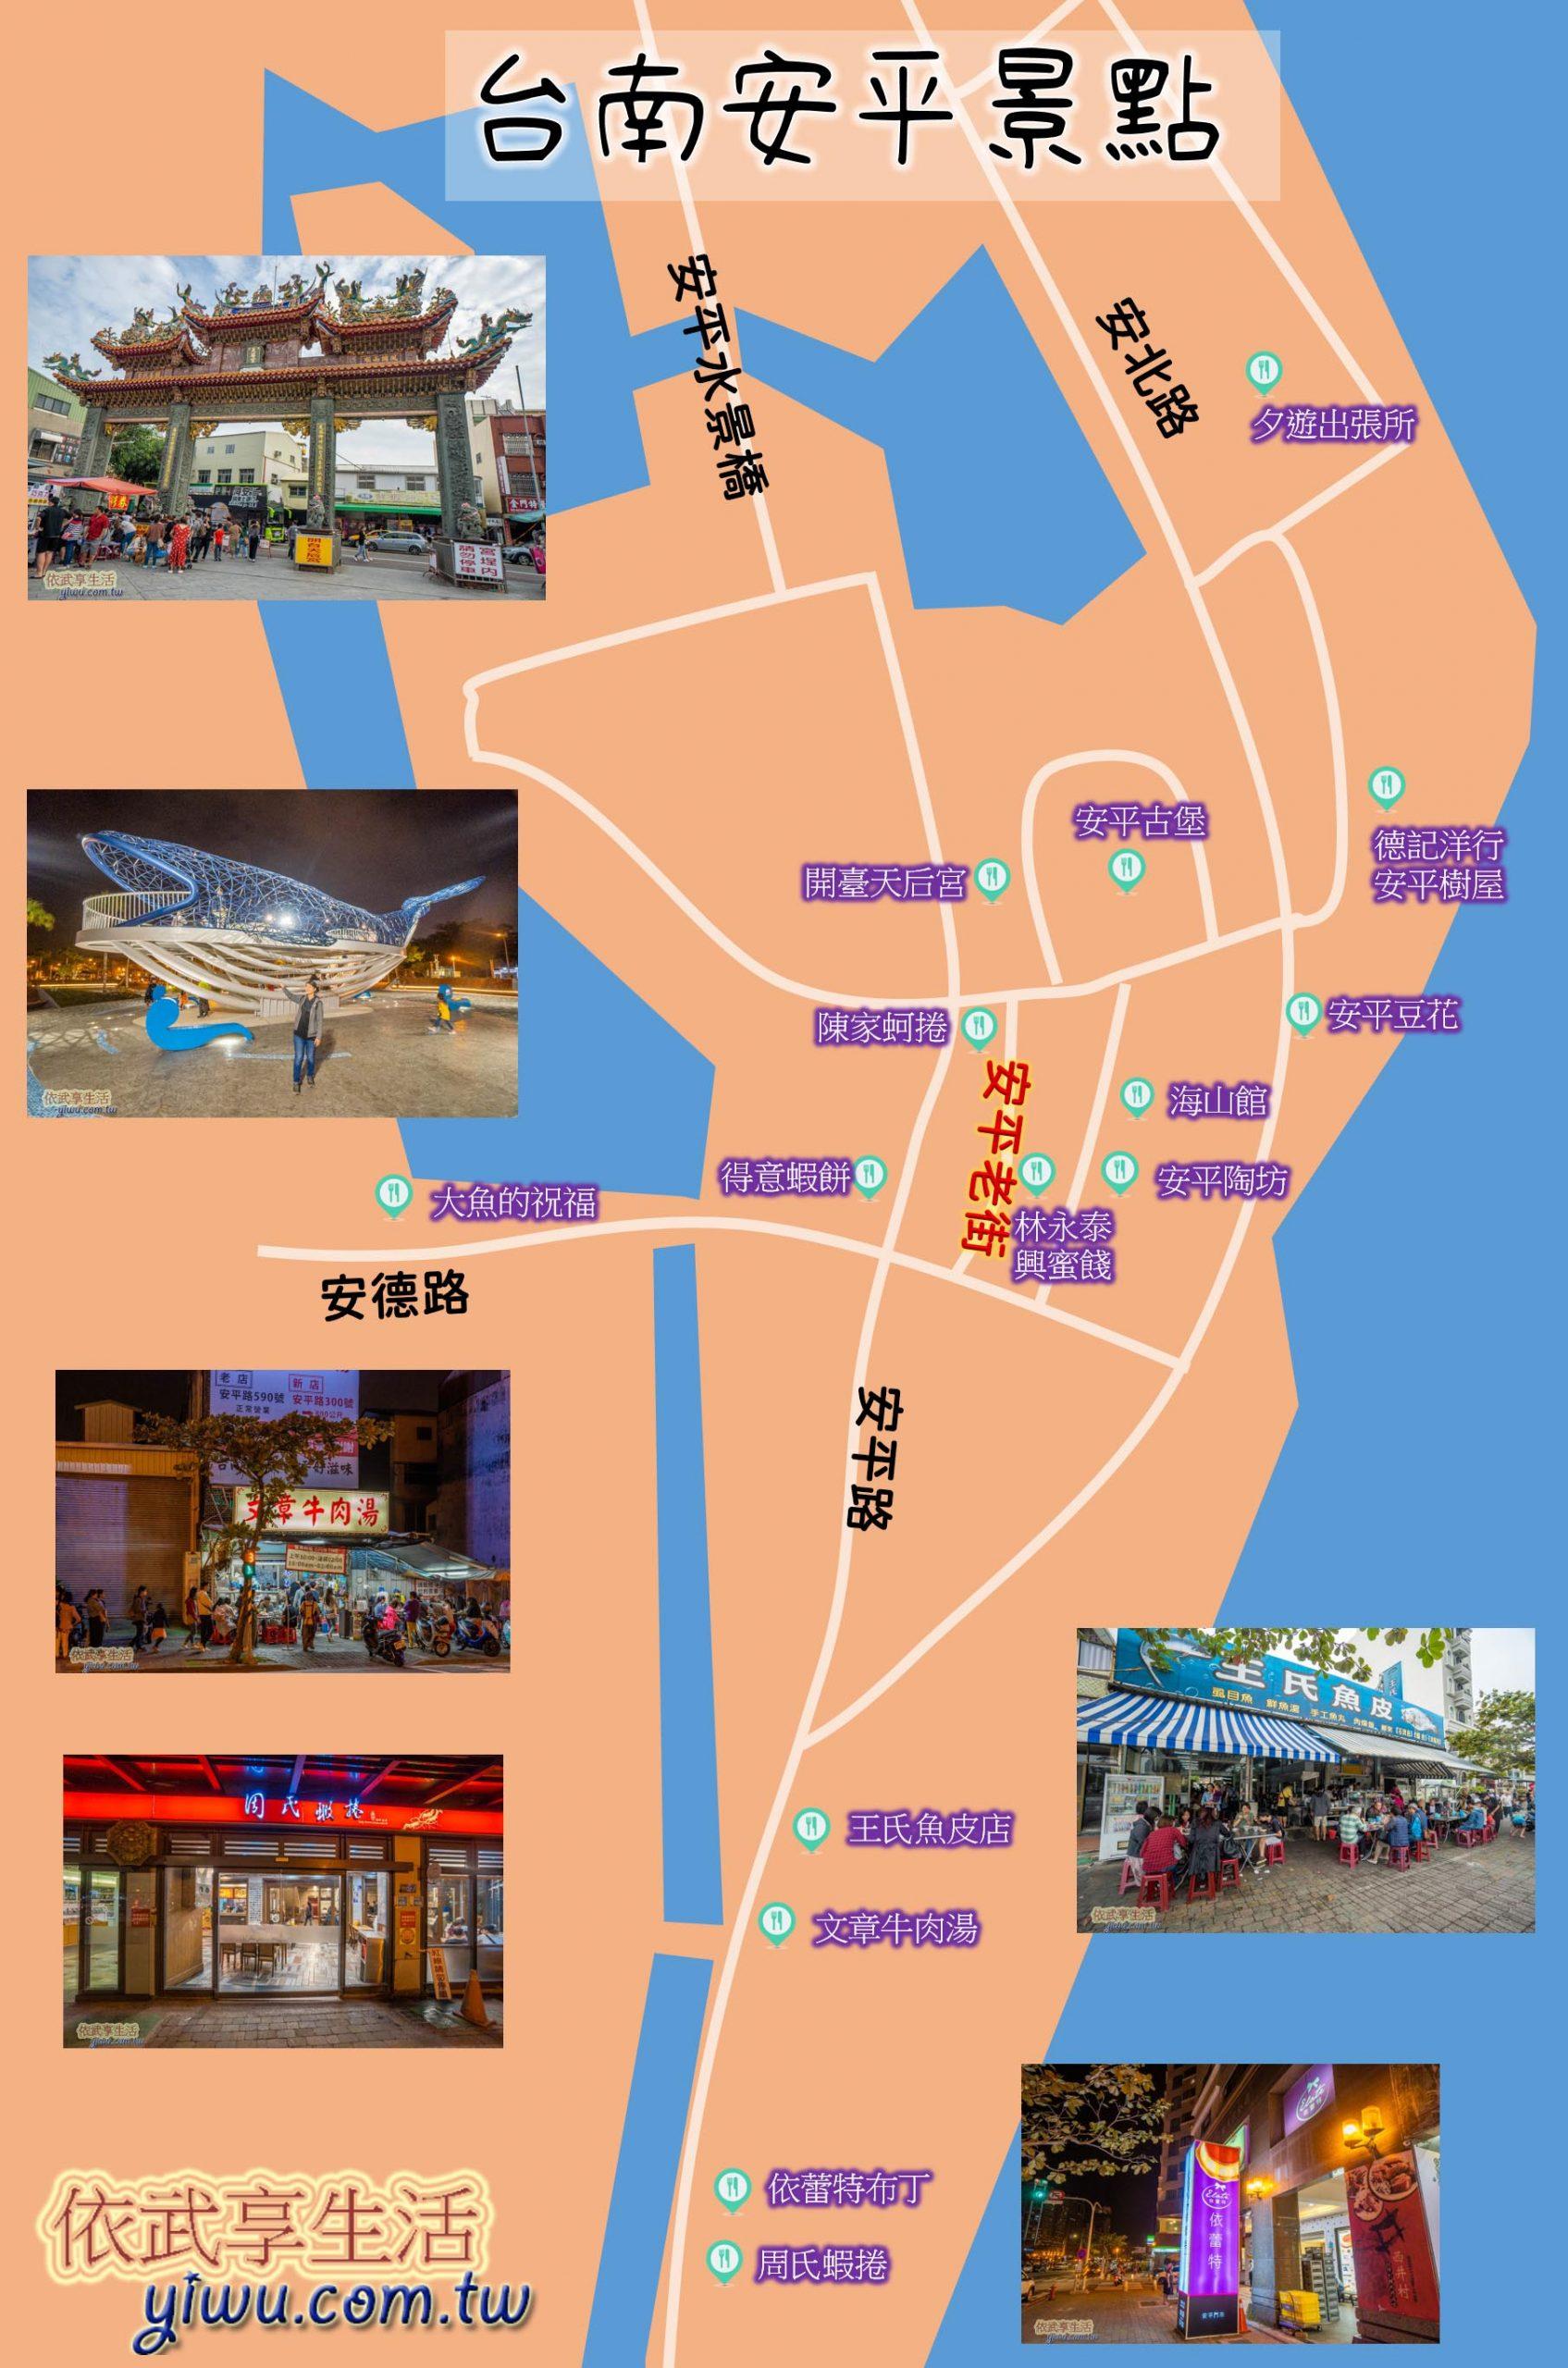 安平老街美食景點地圖